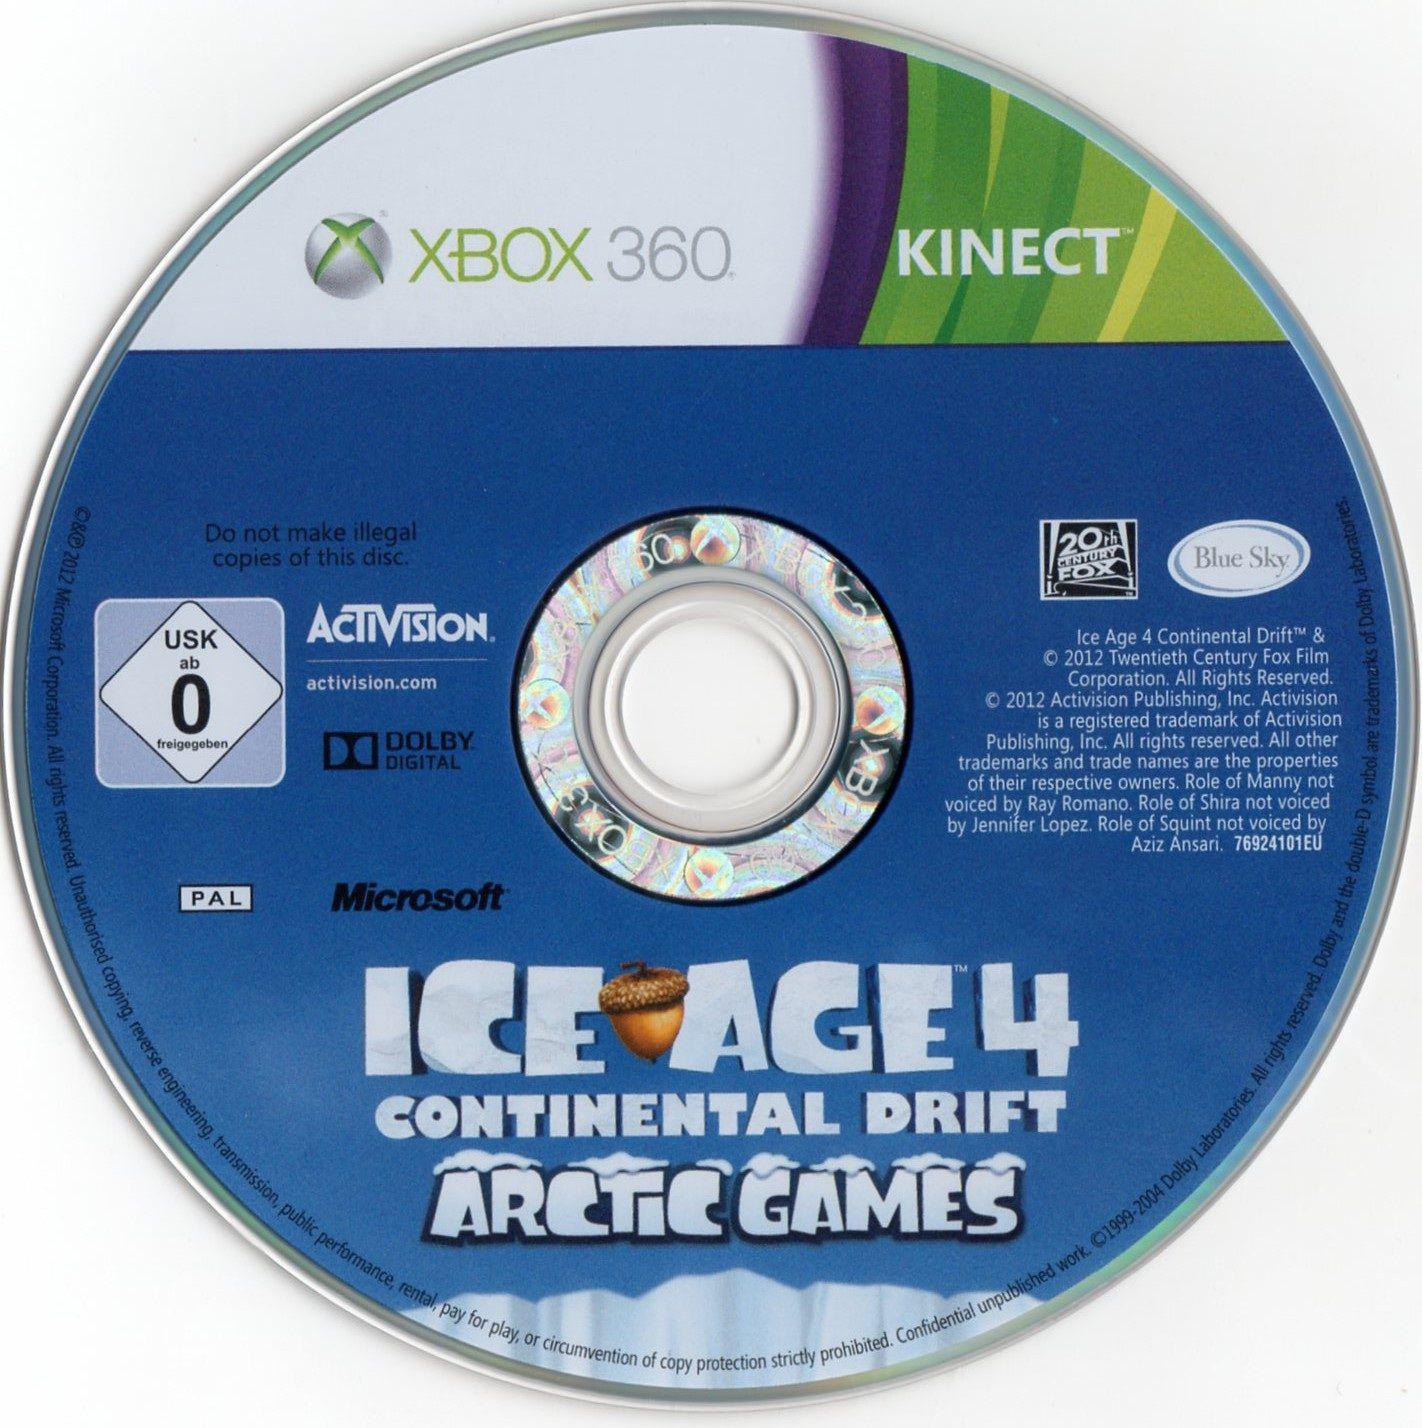 http://4.bp.blogspot.com/-m4eTgdnuCyM/UKmbVHRN-vI/AAAAAAAAXgs/PMMru7XKNUI/s1600/ice%20age%20continental%20drift%20www.gamecover.com%20(1).jpg